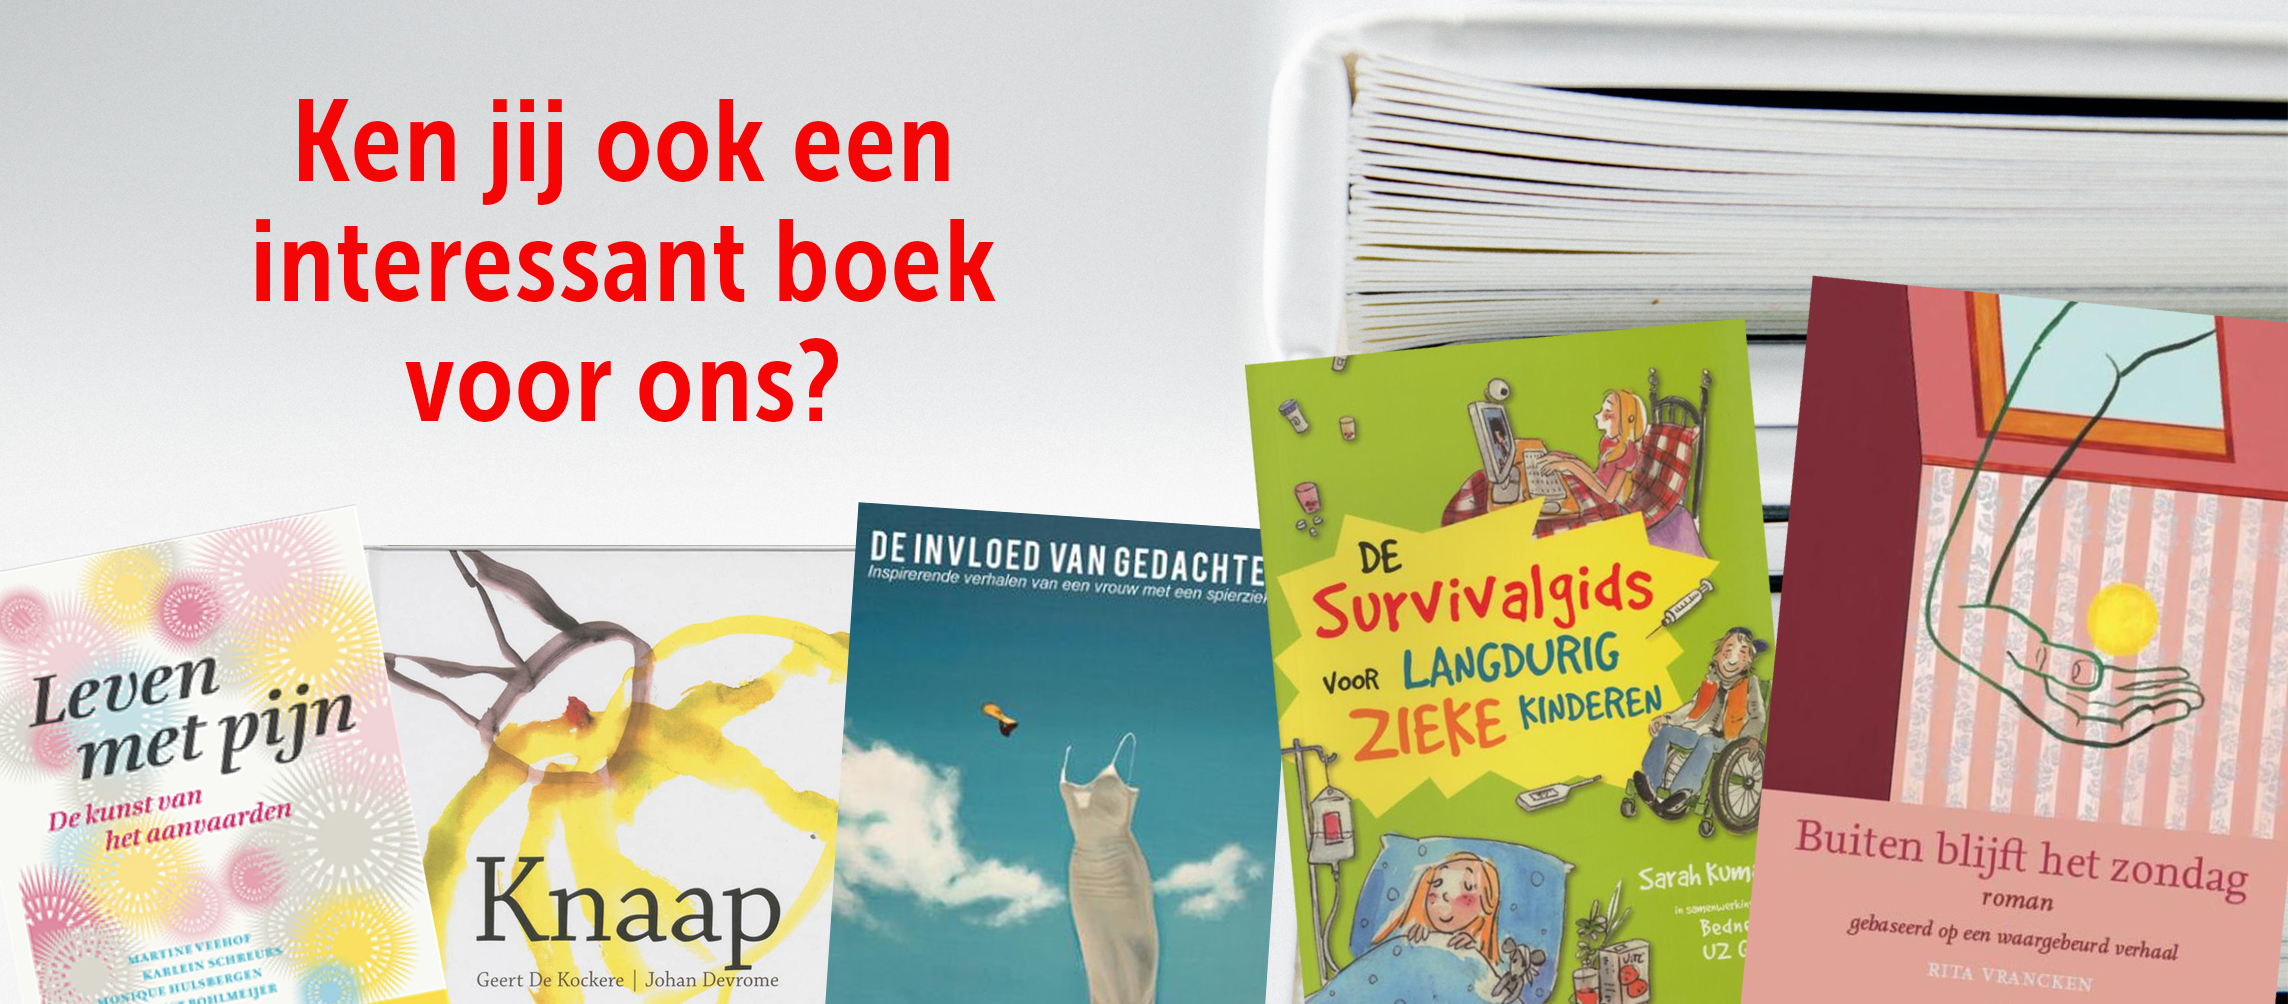 Boekentips-voor-ons_SpierziektenVl Boekentips